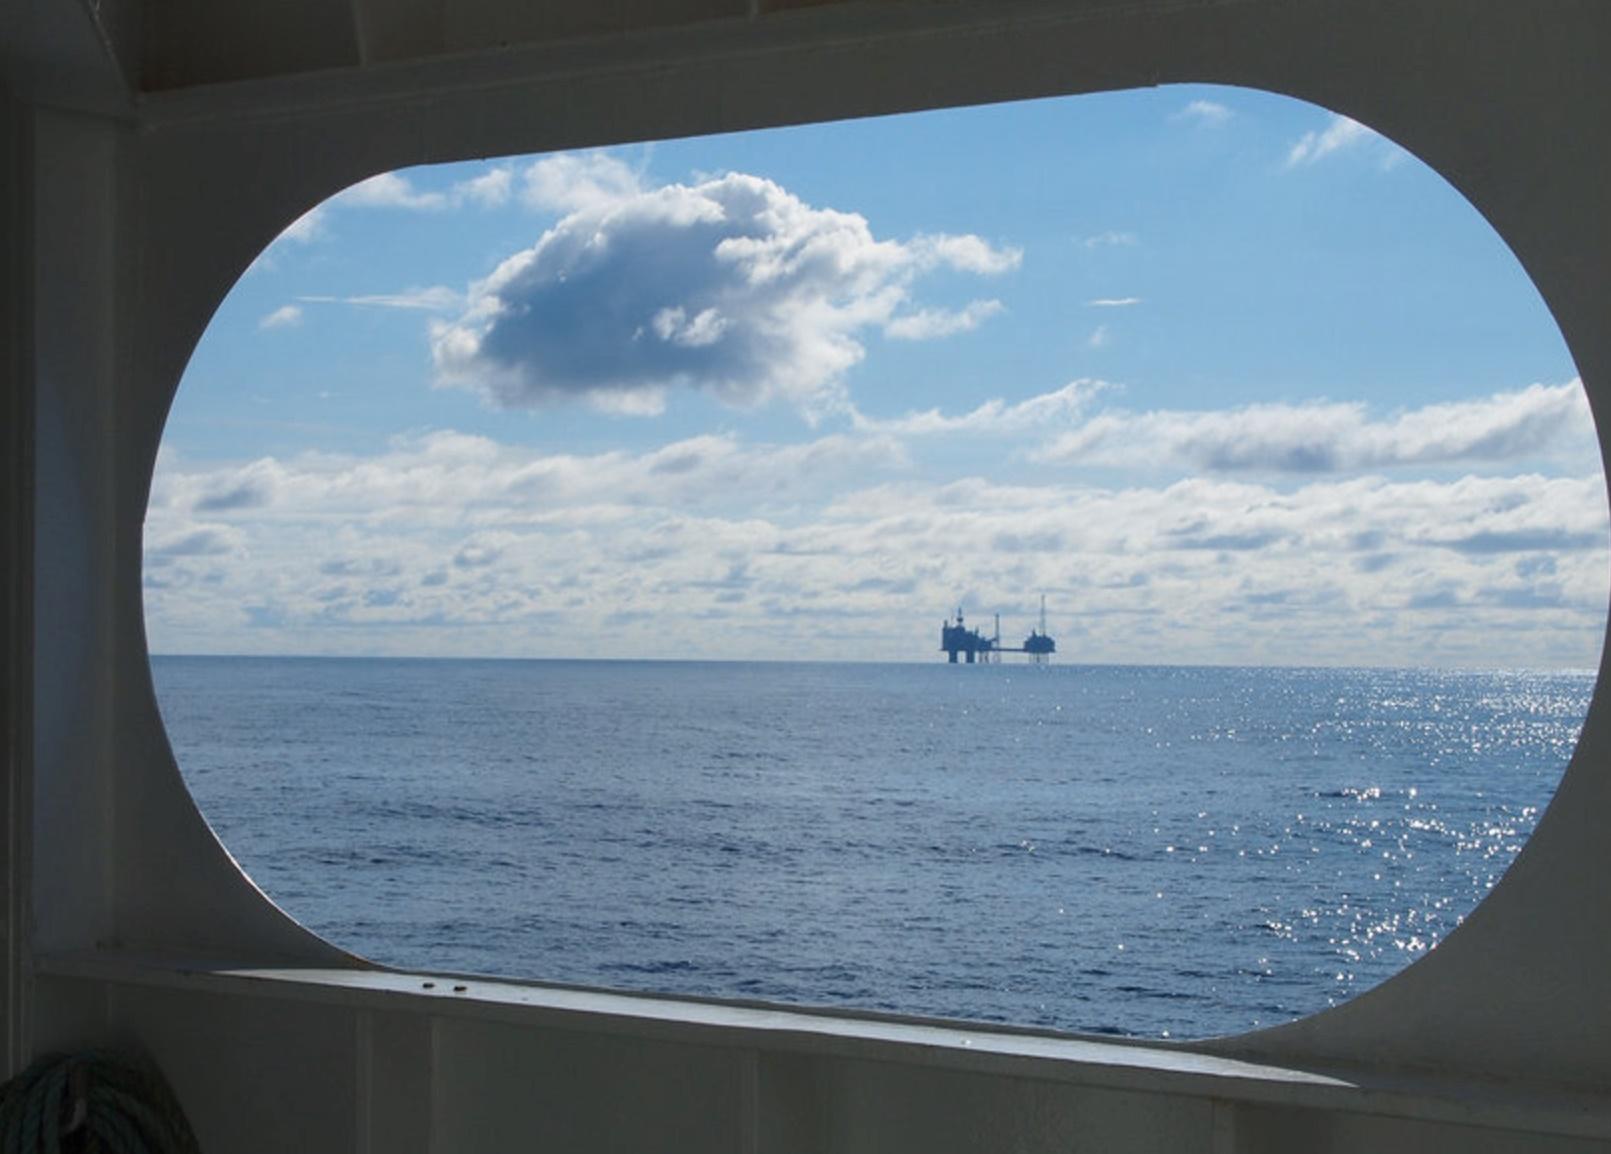 Metano 'fugitivo' en el Mar del Norte